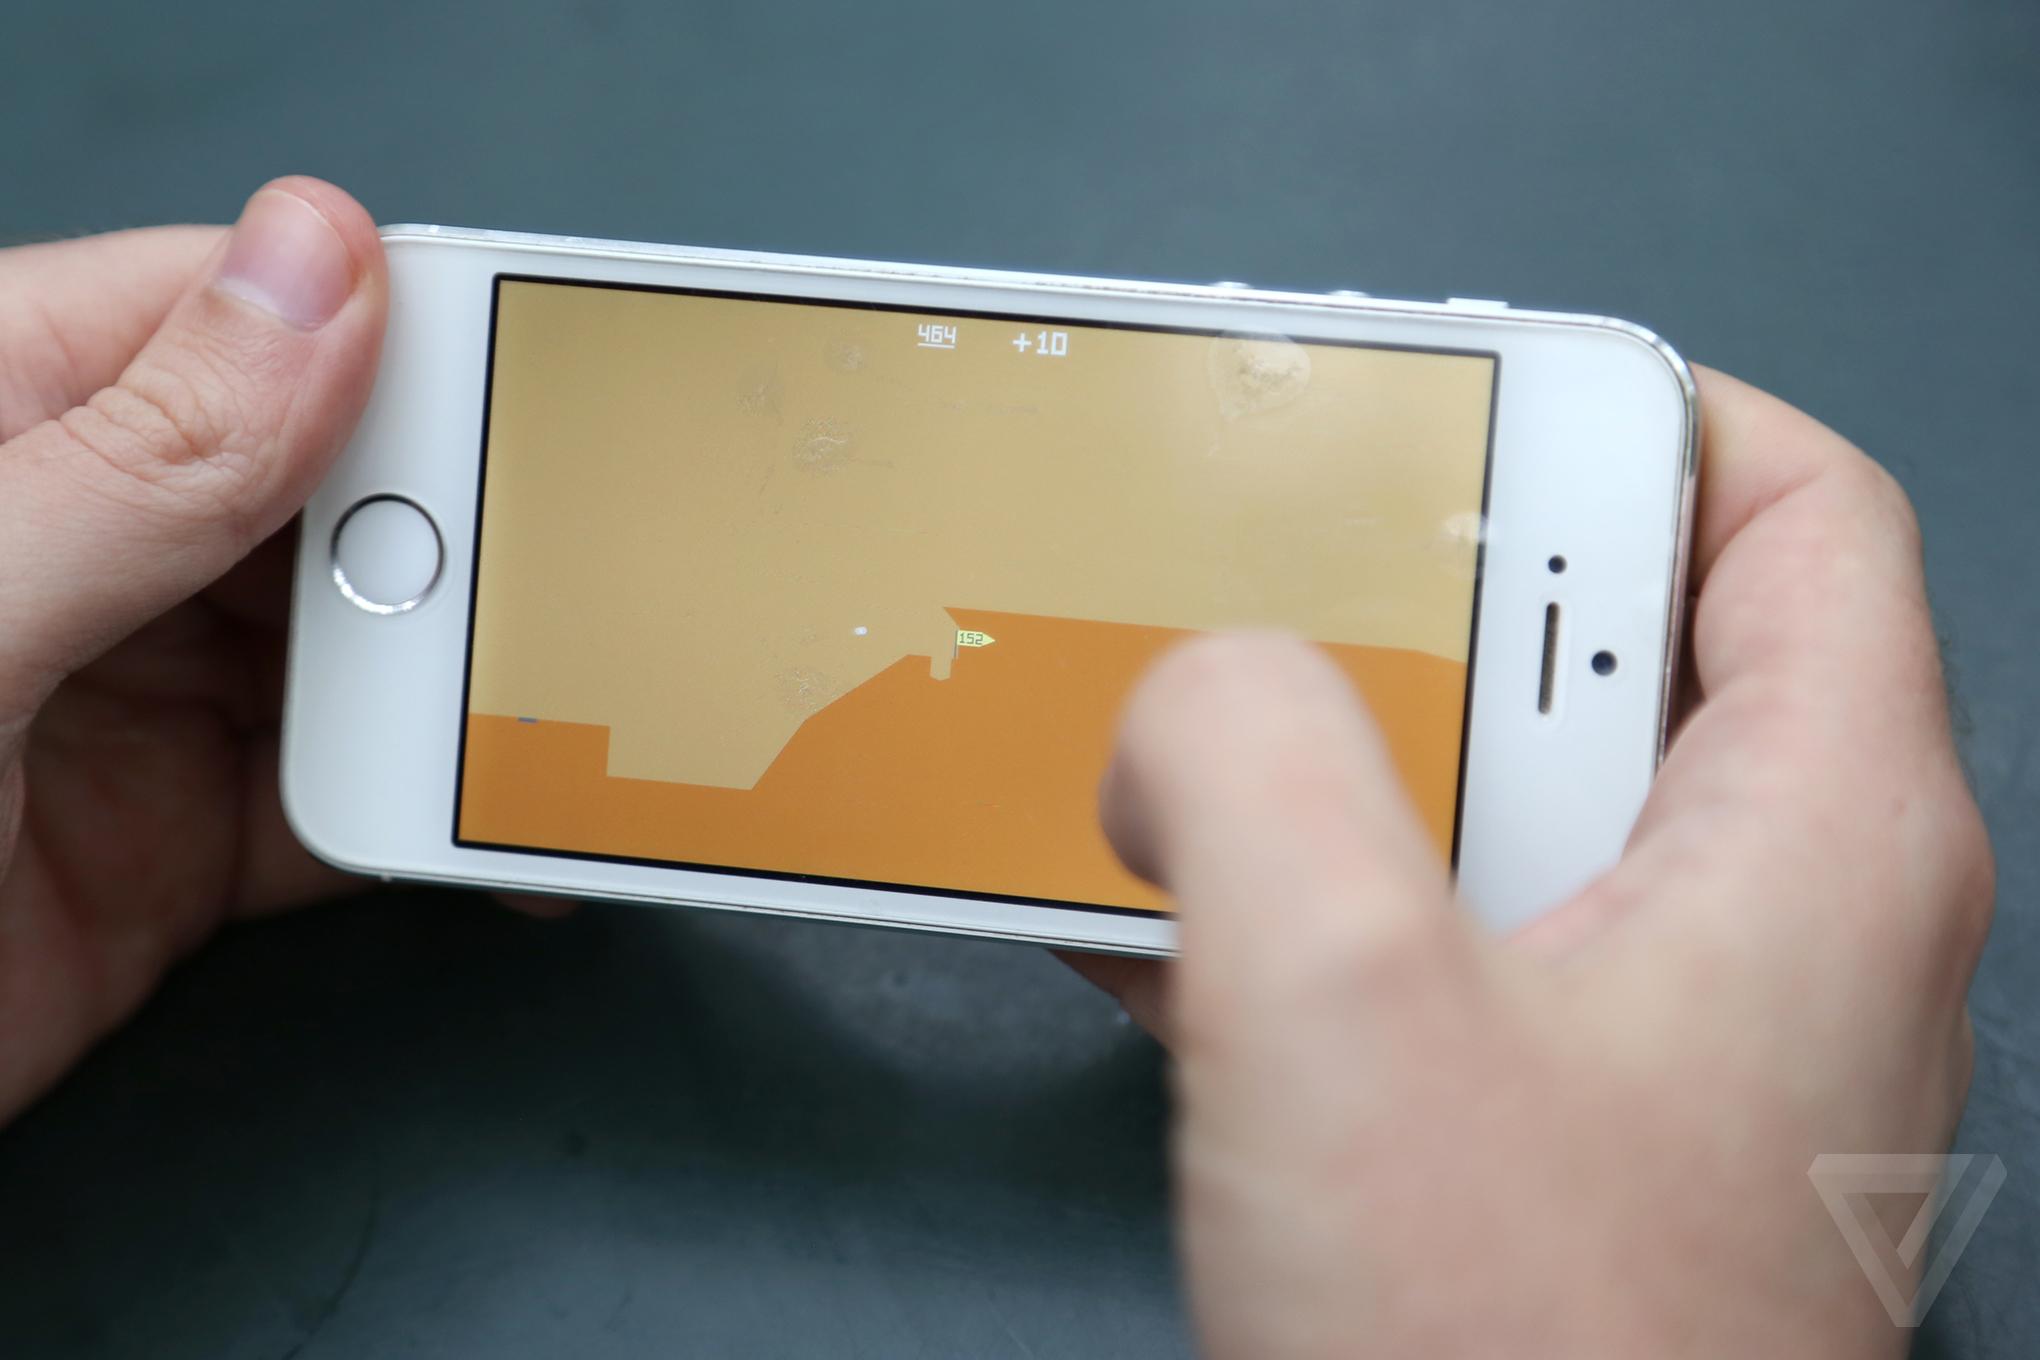 iphone-games-5_2040.0.jpg (2040×1360)